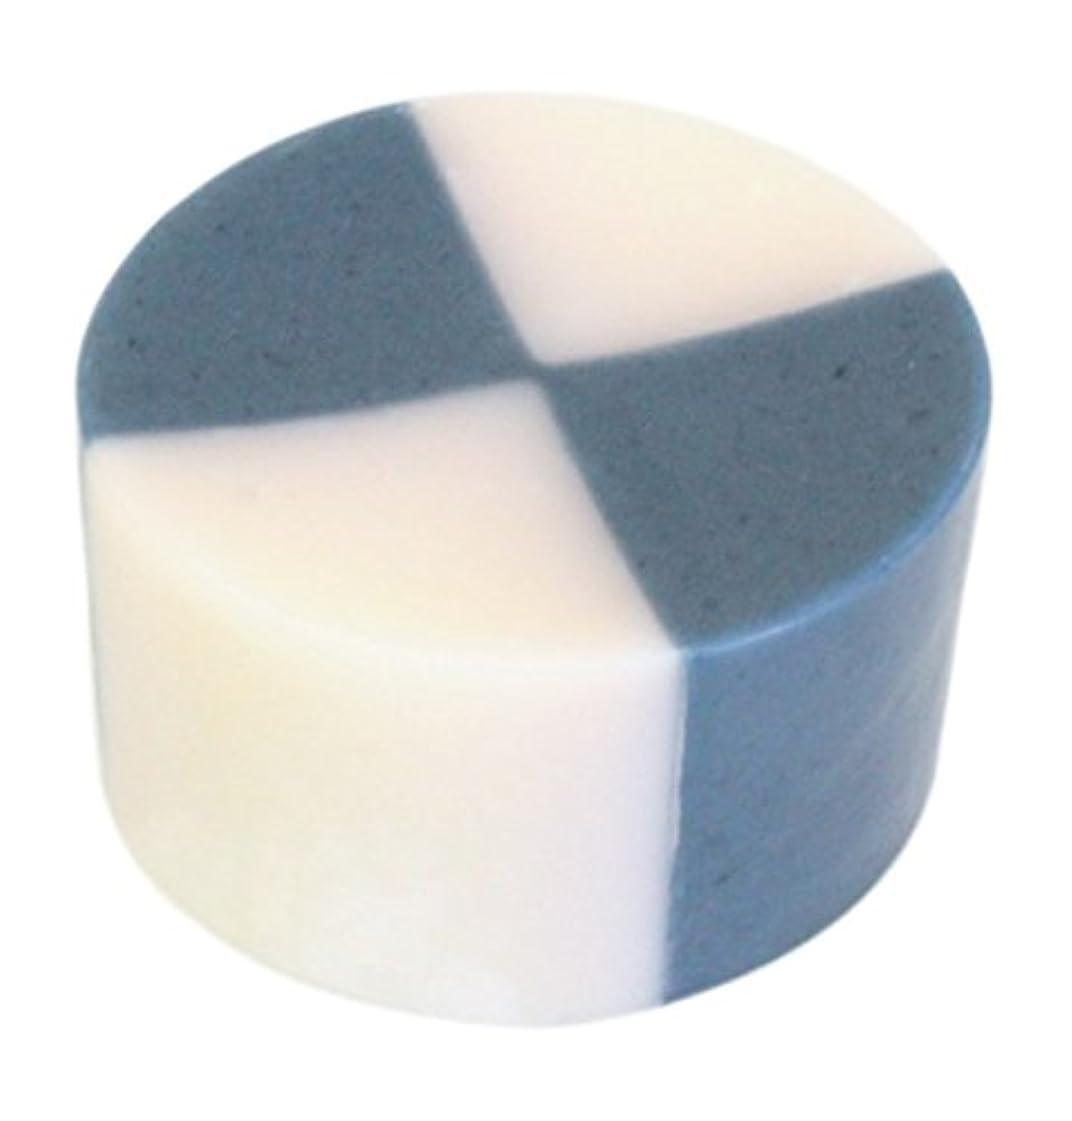 害虫知らせるダイジェスト藍色工房 藍染め石けん「いちまつ」(60g)